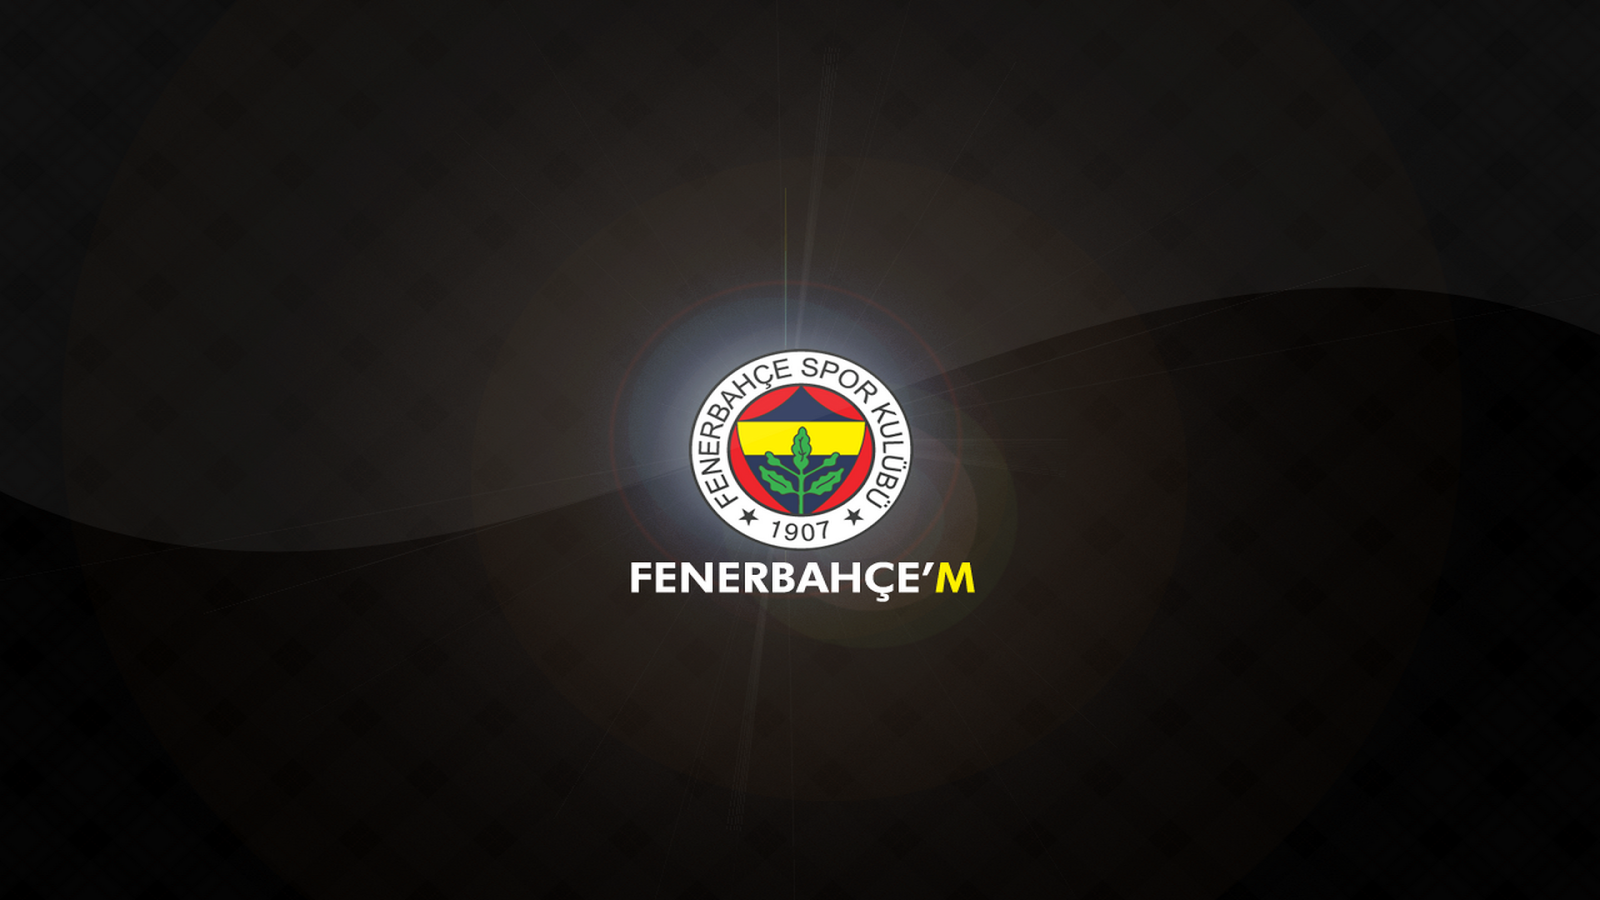 fenerbahce+resim+rooteto+1 Fenerbahçe HD Resimleri